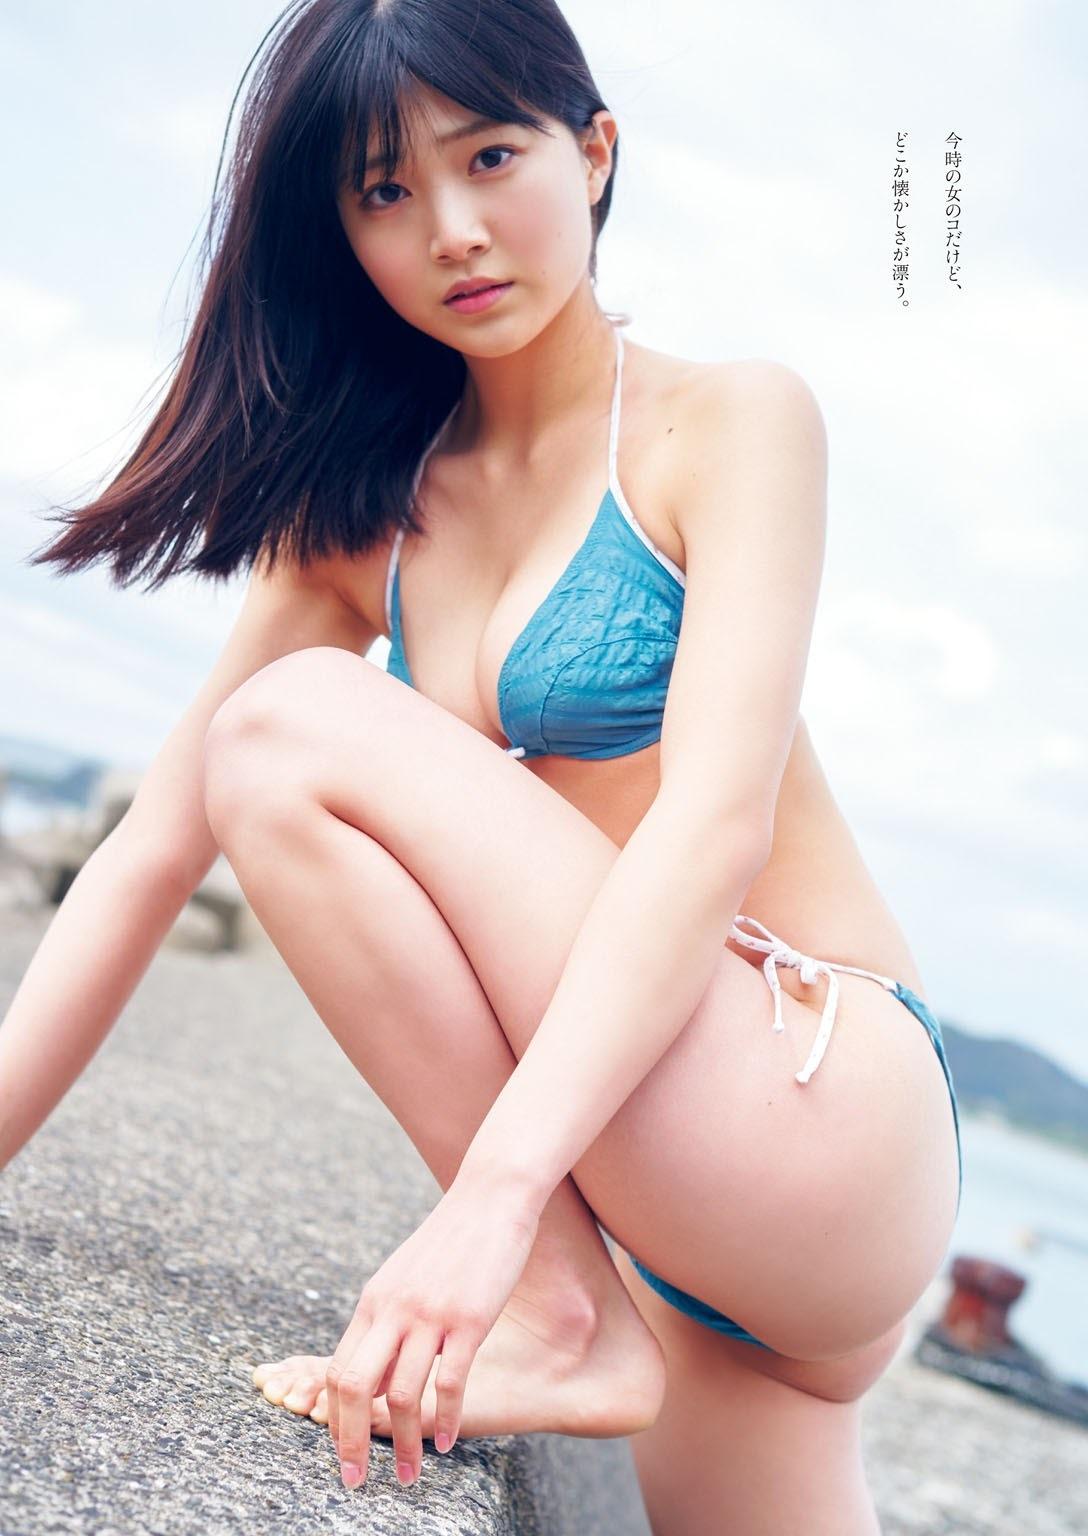 松本真理香 樱井音乃 羽柴なつみ-Weekly Playboy 2021第23期 高清套图 第78张